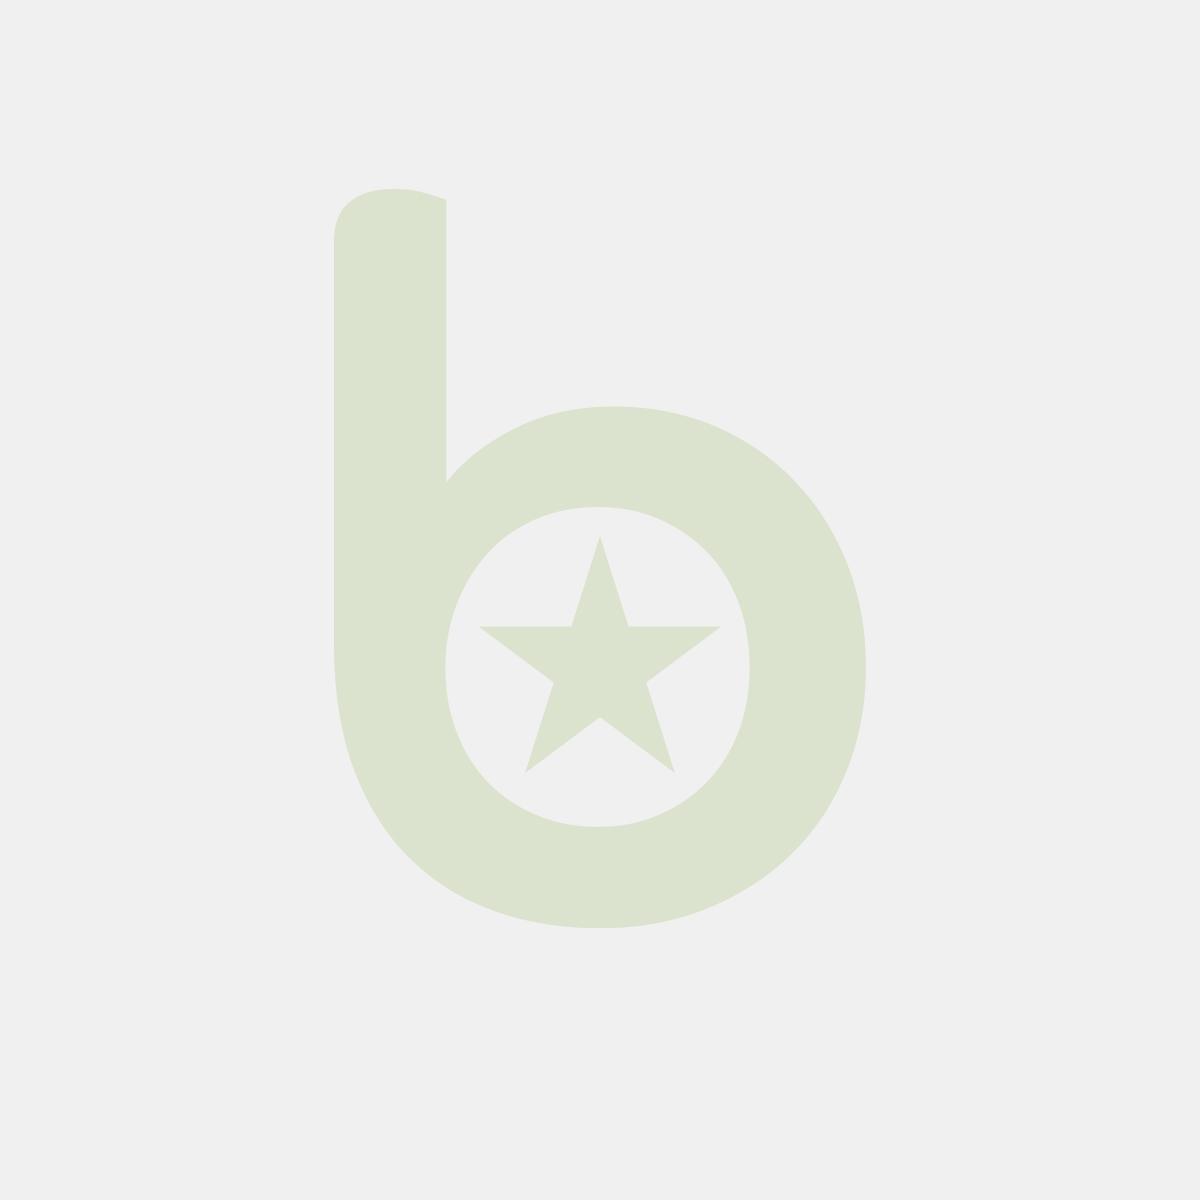 Cienkopis SCHNEIDER Line-Up, 0,4mm, pomarańczowy